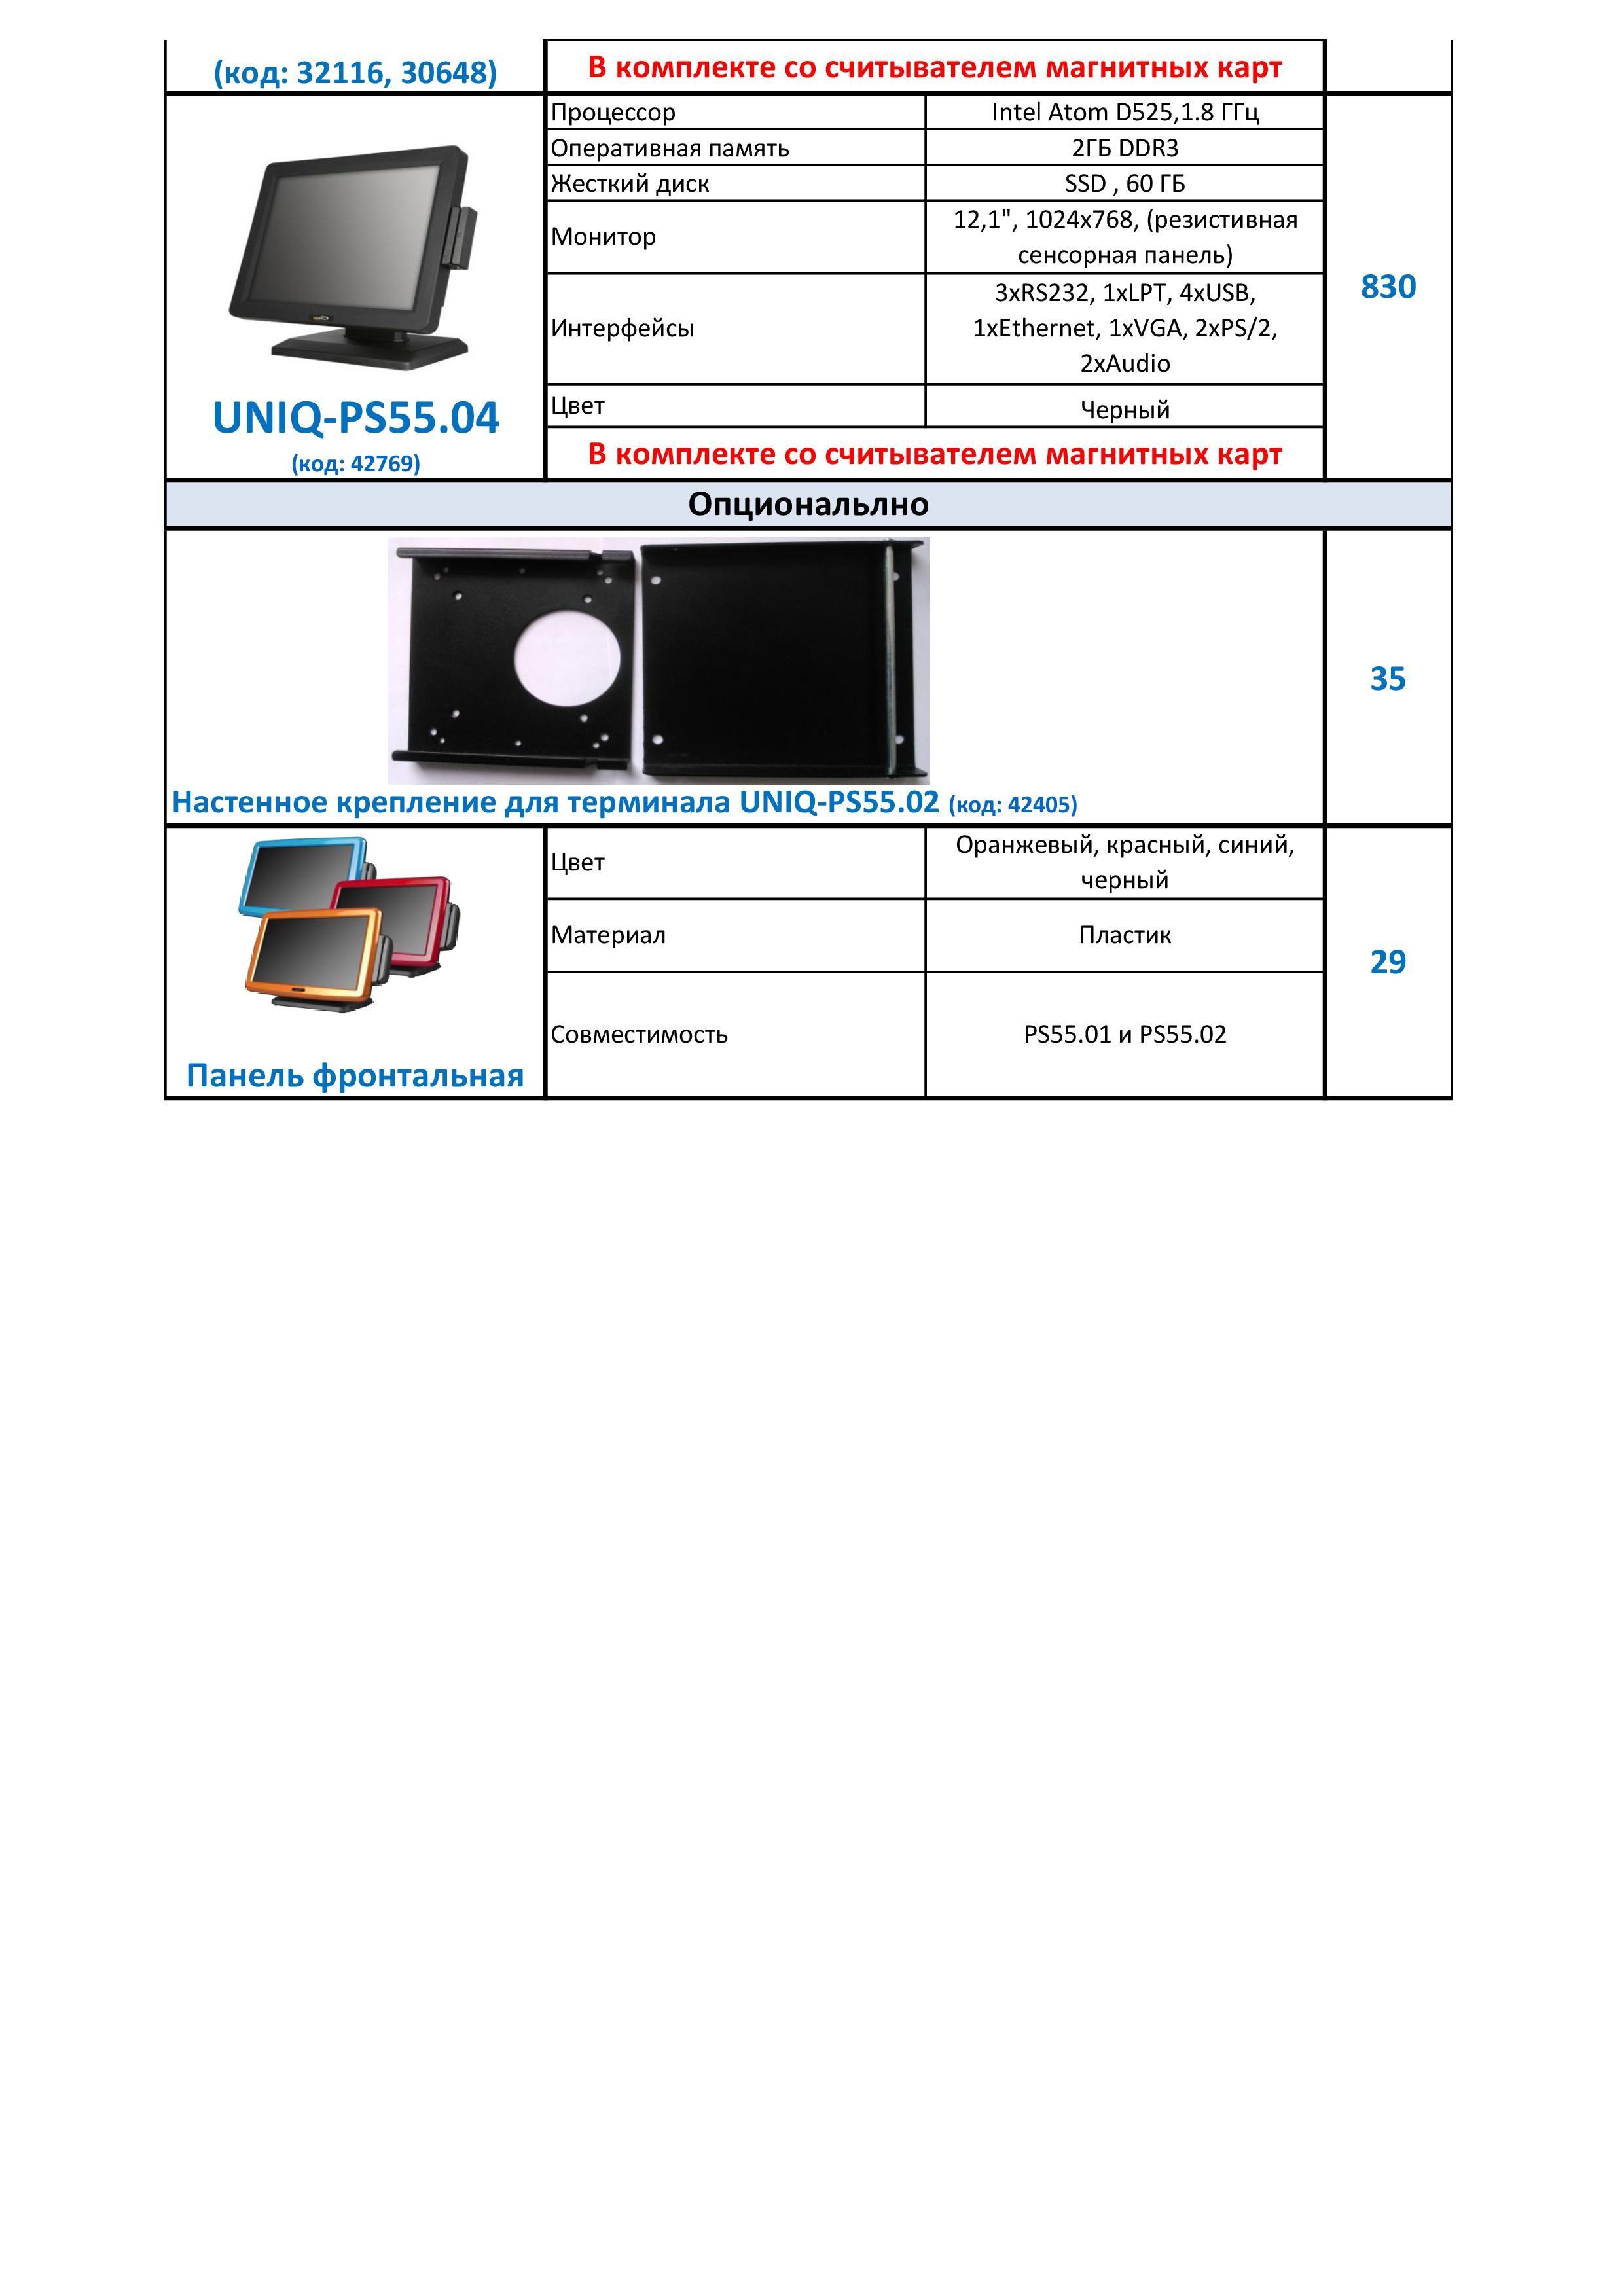 POS_оборудование 170322-2